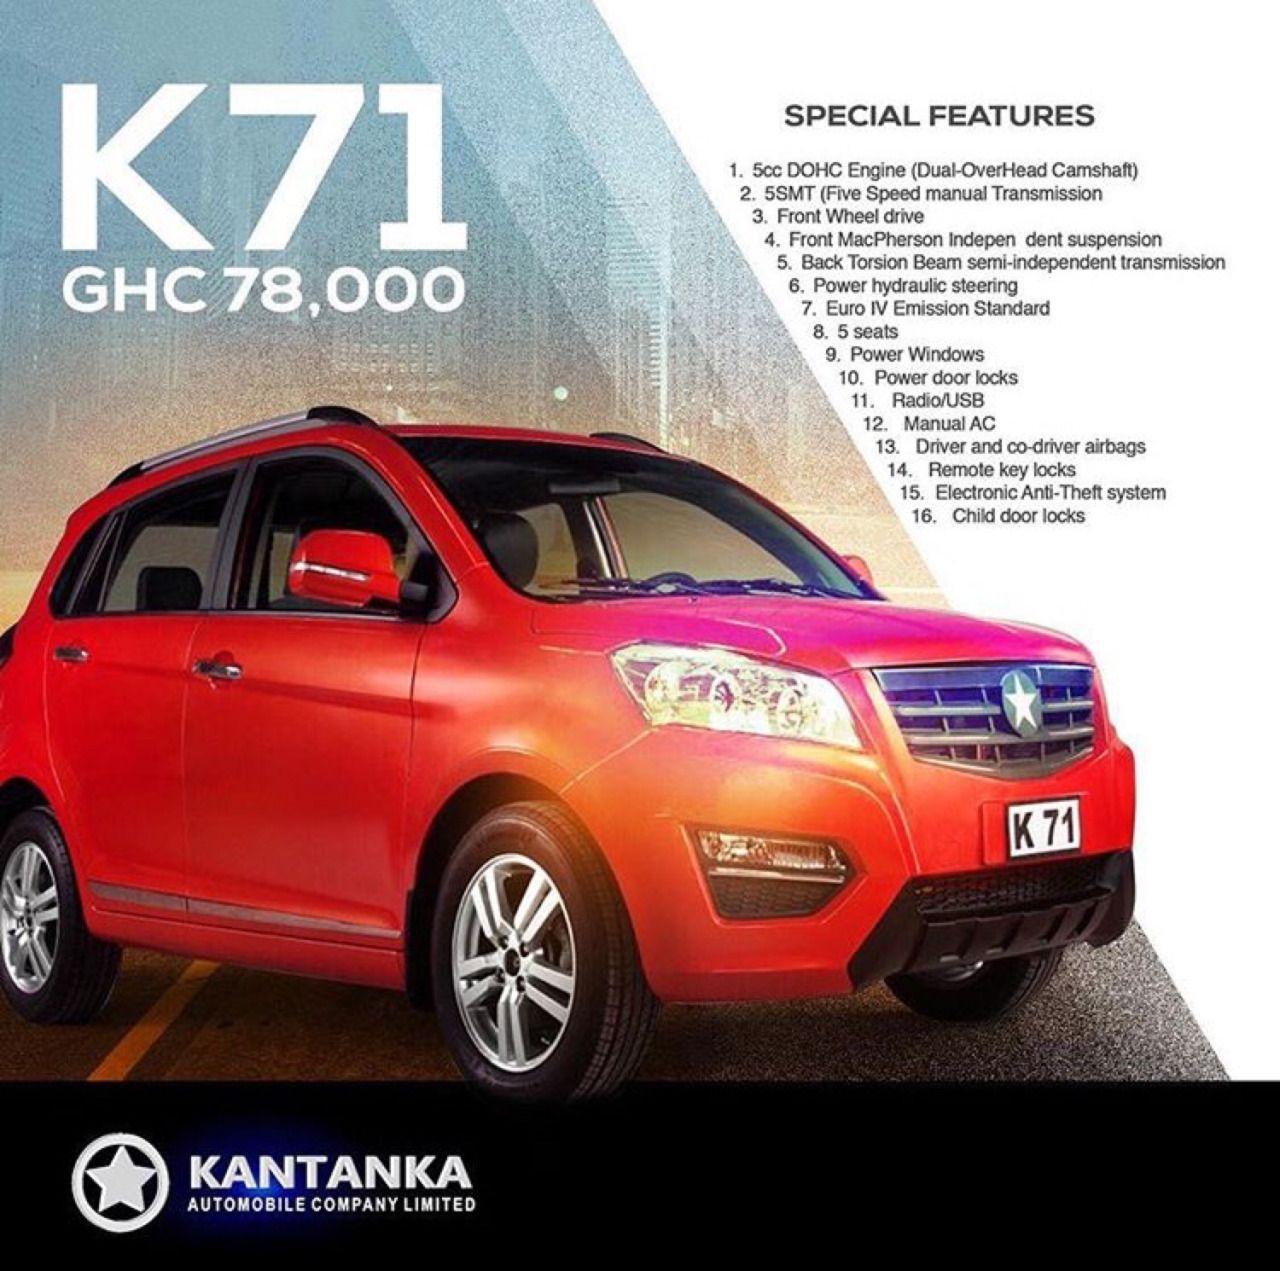 Kantanka Automobile Company Limited www.kantanka.com // IG ...